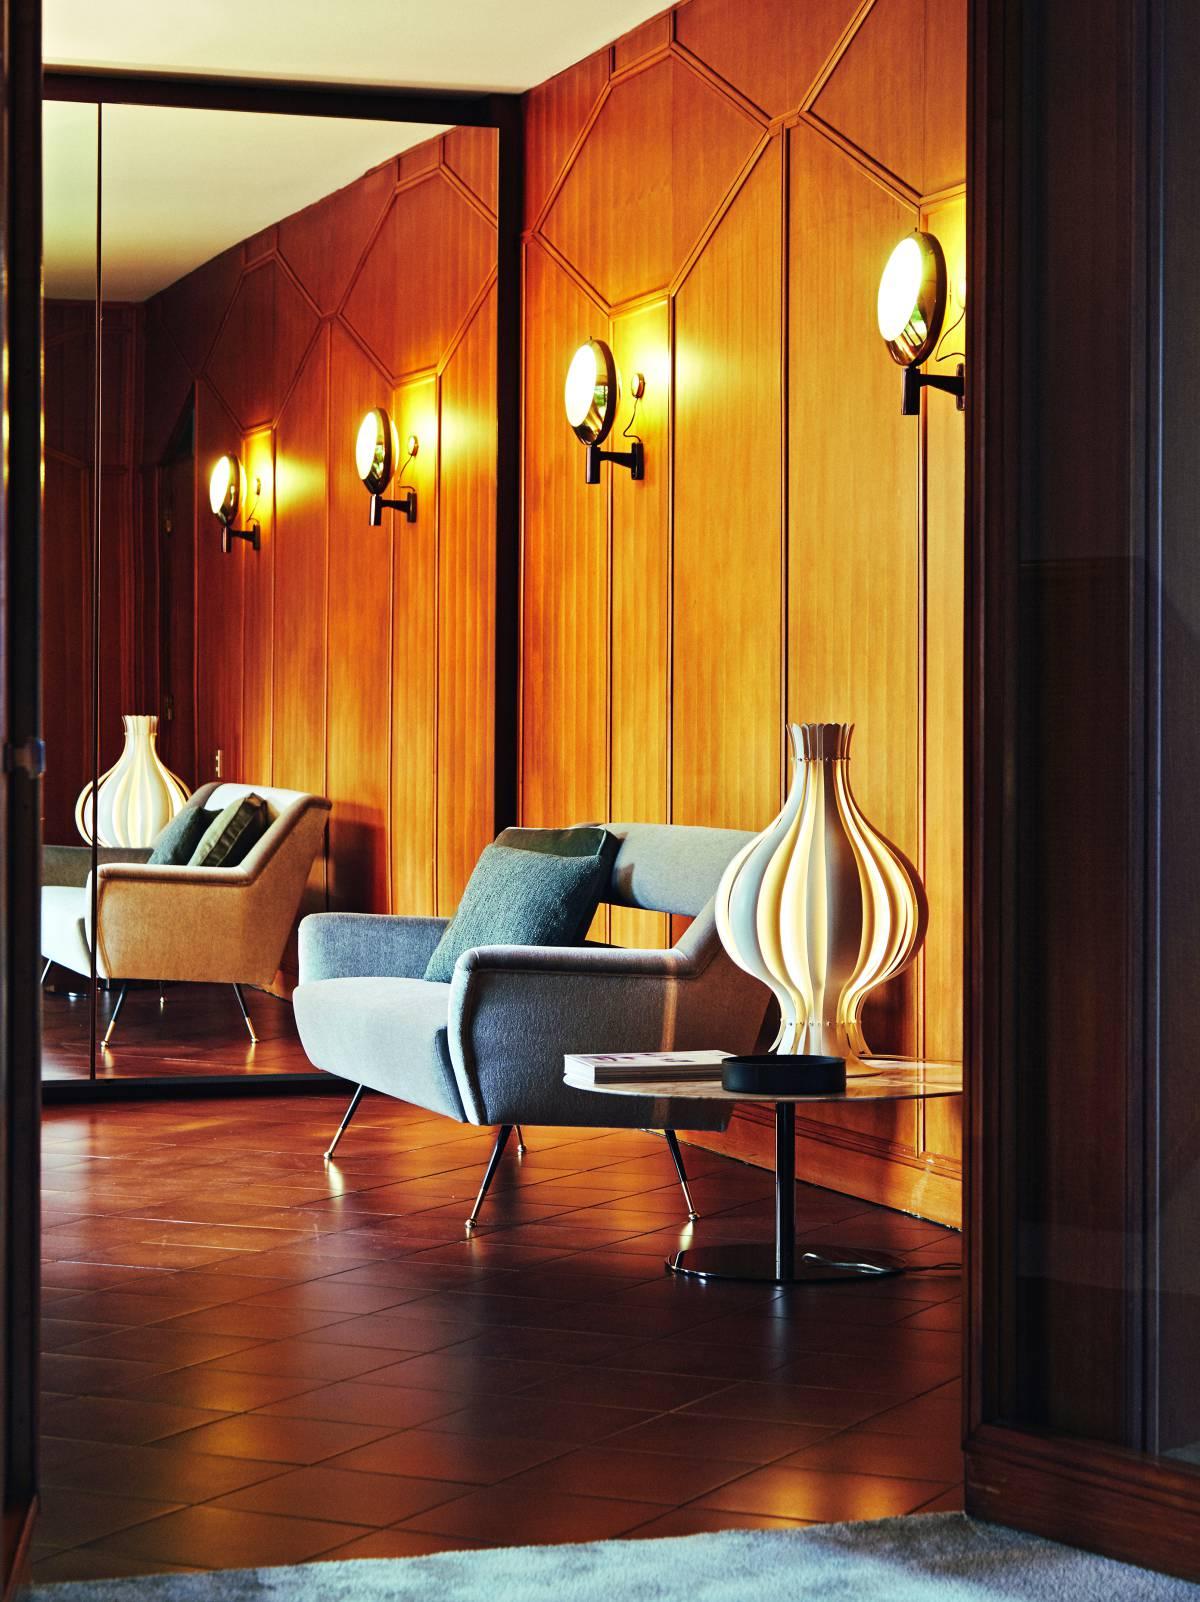 El sofá del recibidor es un diseño reeditado de los años sesenta. Se llama Ile en honor a Ileana, esposa del fundador. | GIANFRANCO TRIPODO